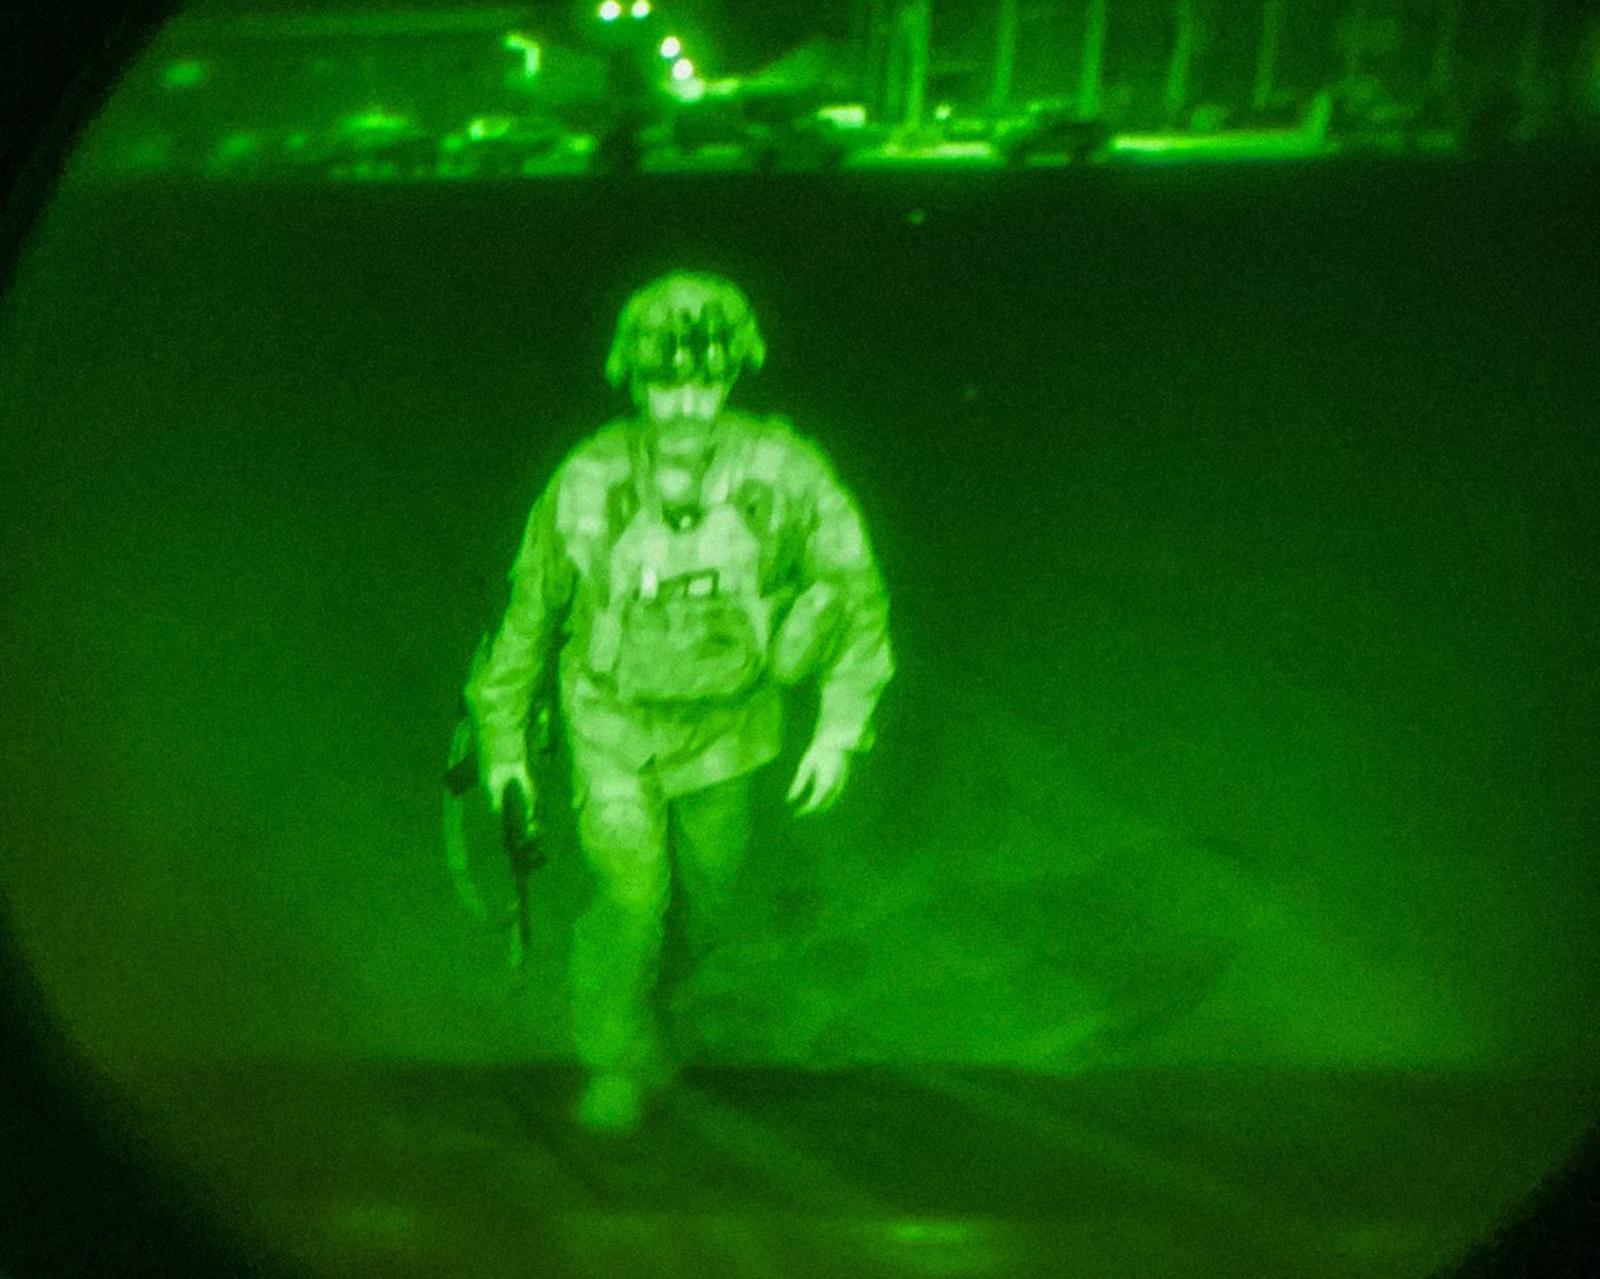 美国防部公布最后一名离开阿富汗美军照片曝光:与驻阿外交官同班机